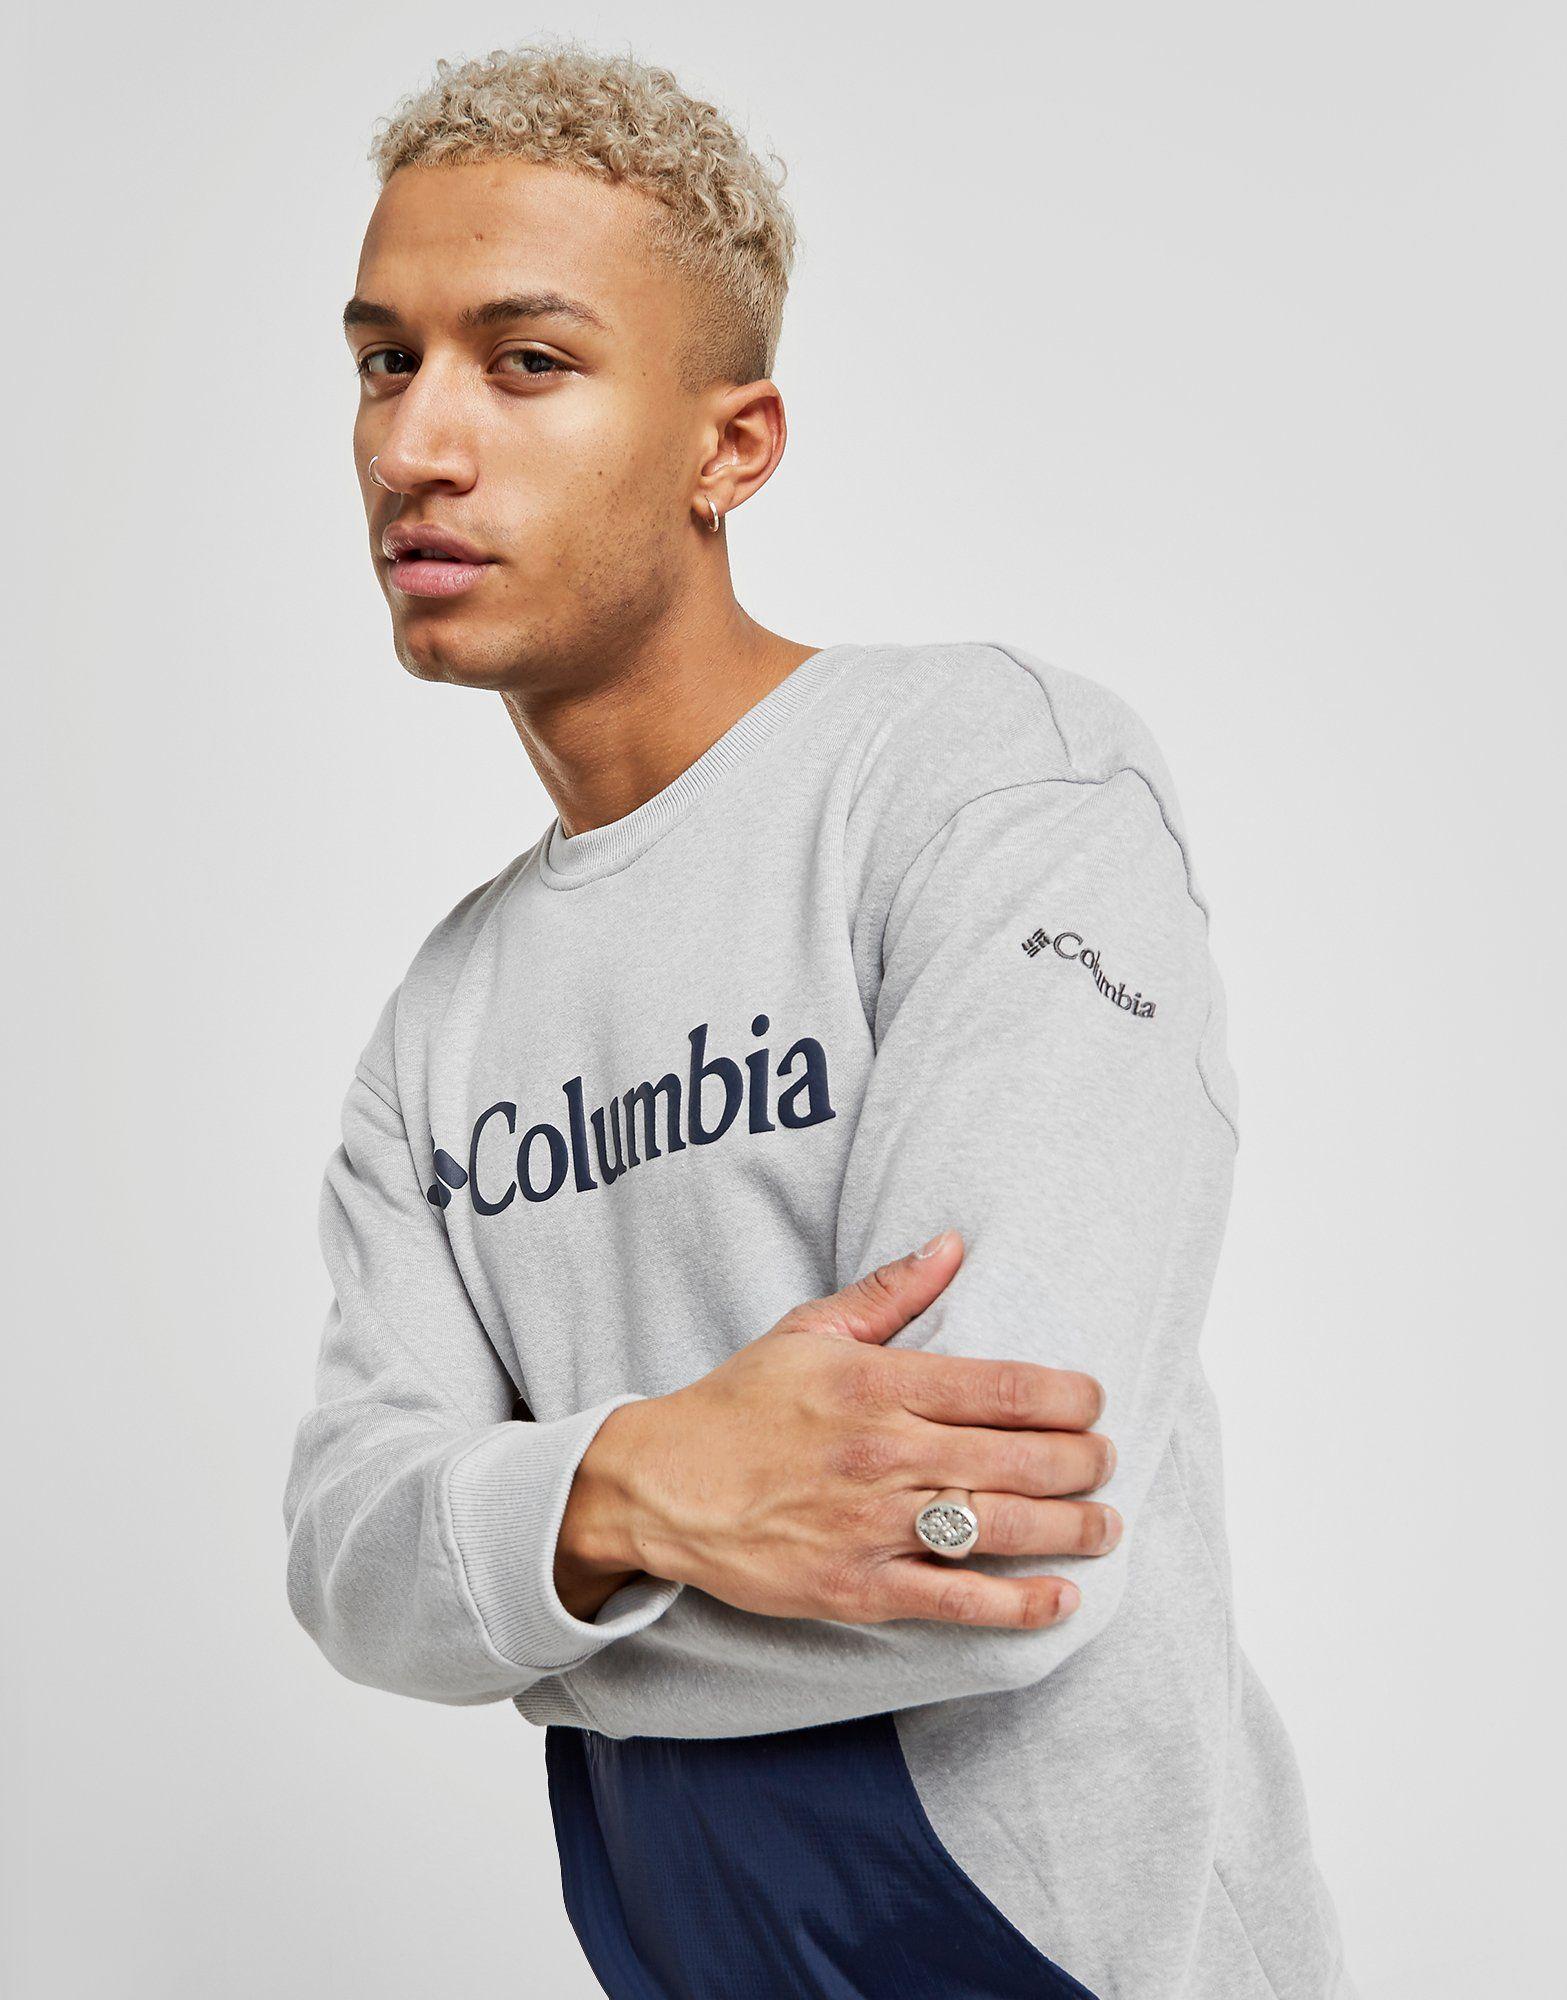 Columbia sudadera Woven Pocket